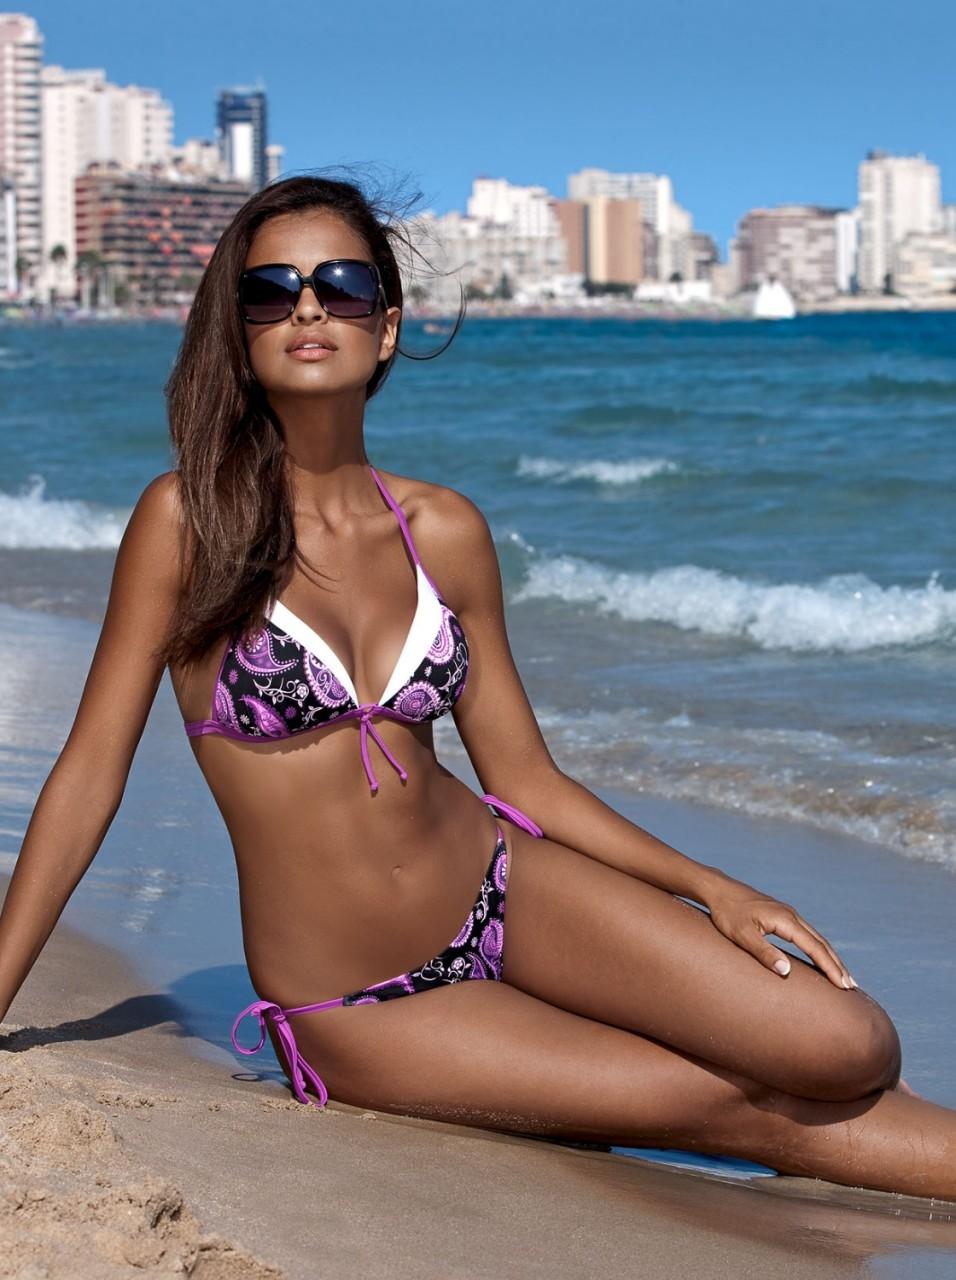 Восхитительная Клаудия Эль Дурси в фотосессии для бикини от Lorin